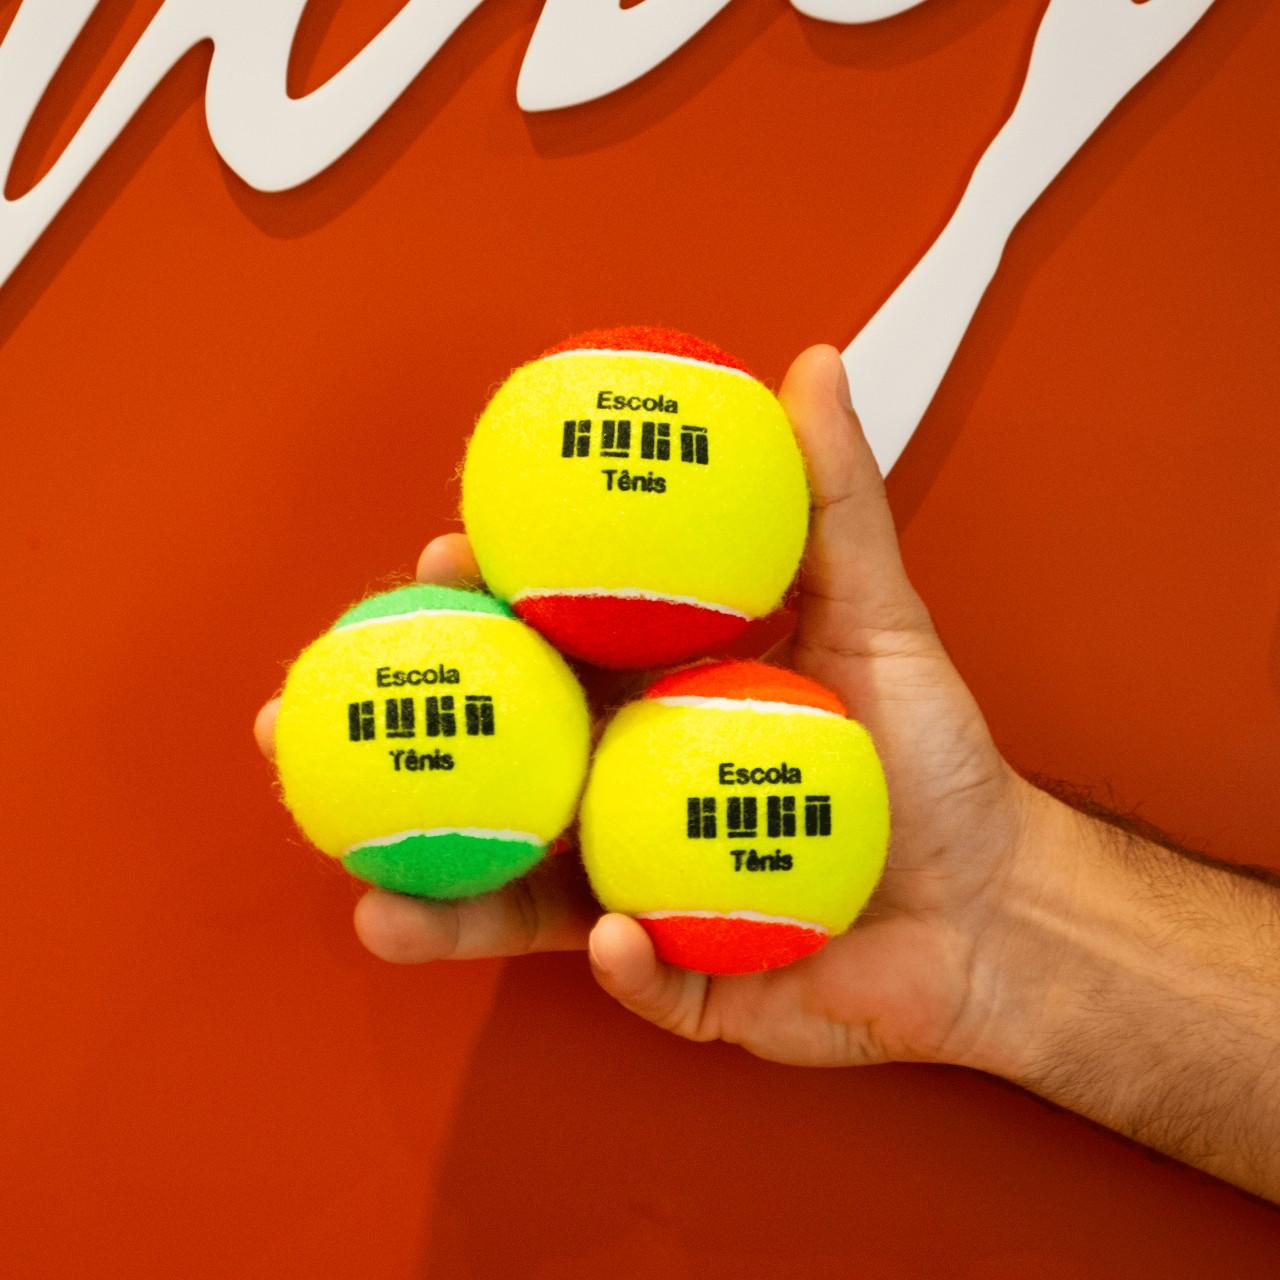 5 curiosidades sobre os diferentes tipos de bolas de tênis